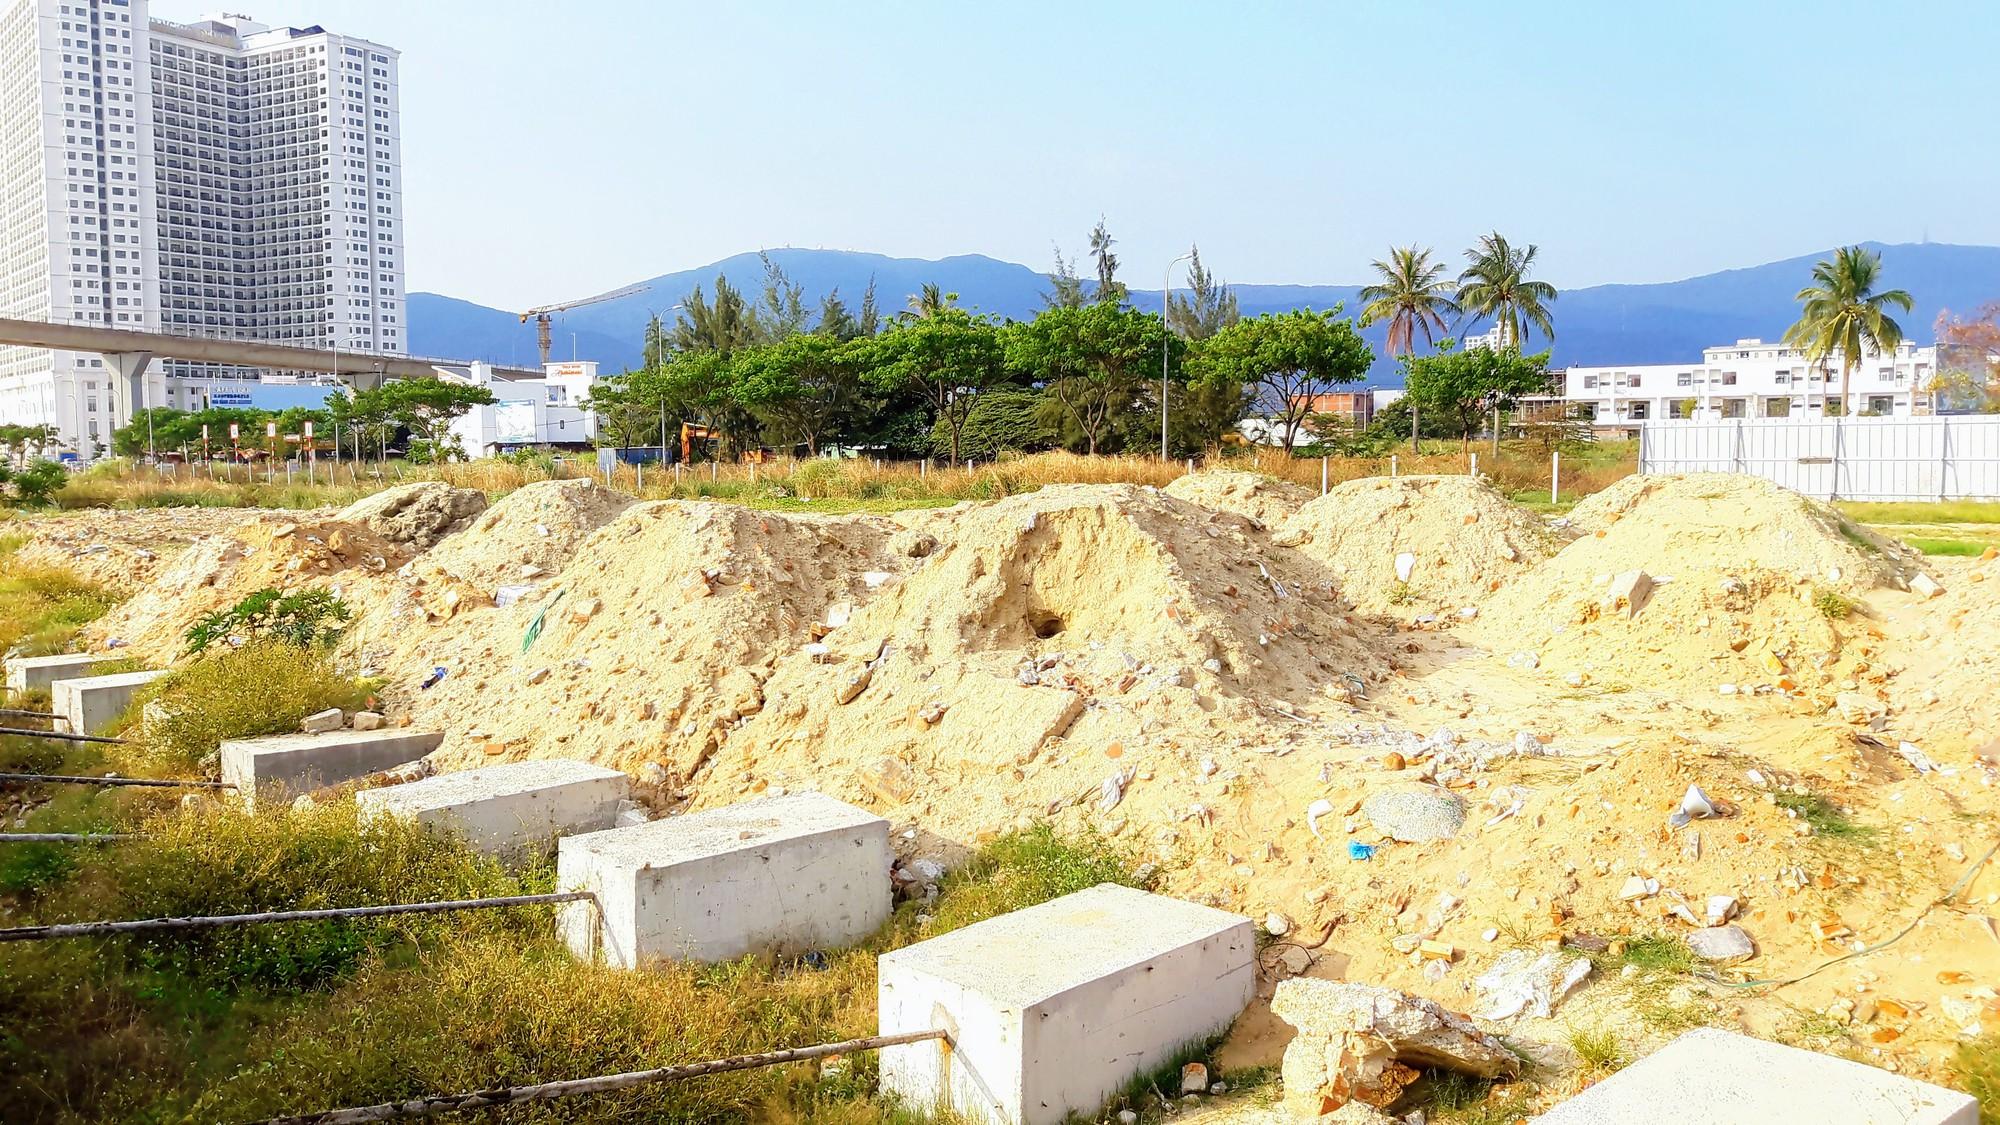 Chủ đầu tư hai dự án bất động sản lấn sông Hàn thống nhất dành khu ven sông làm công viên, lối đi bộ - Ảnh 9.